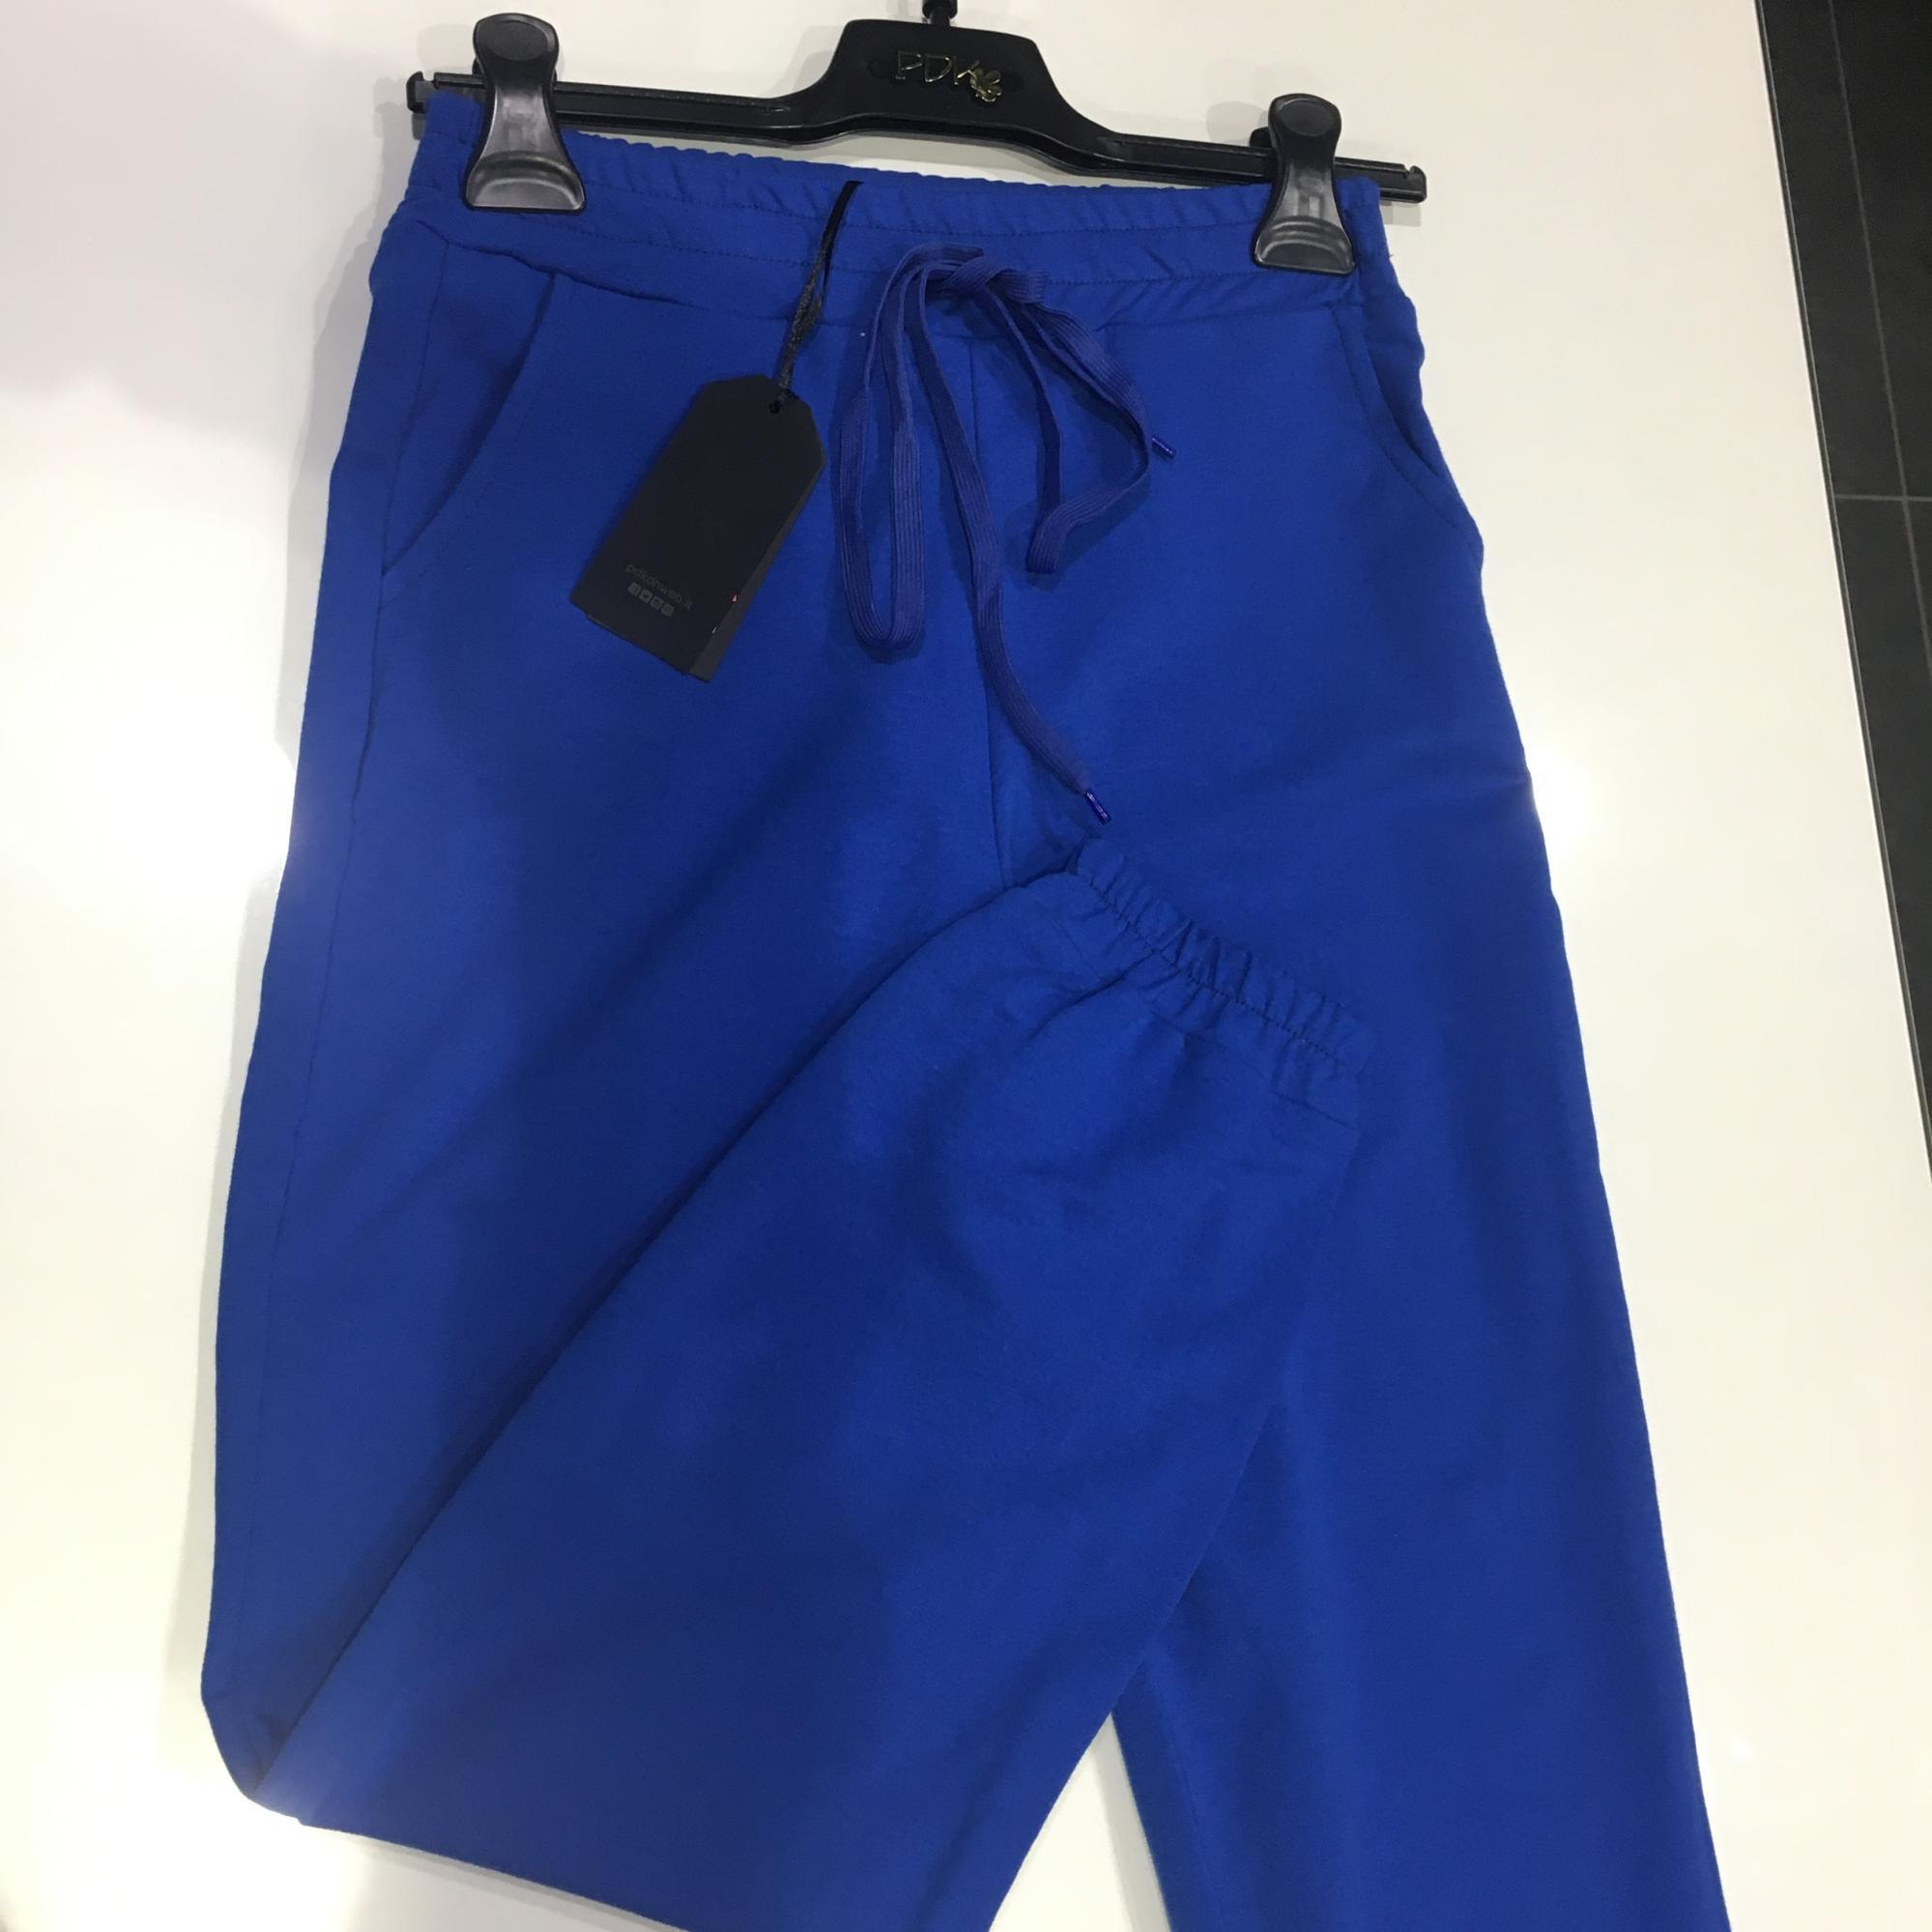 Pantalone con laccio color royal pdk